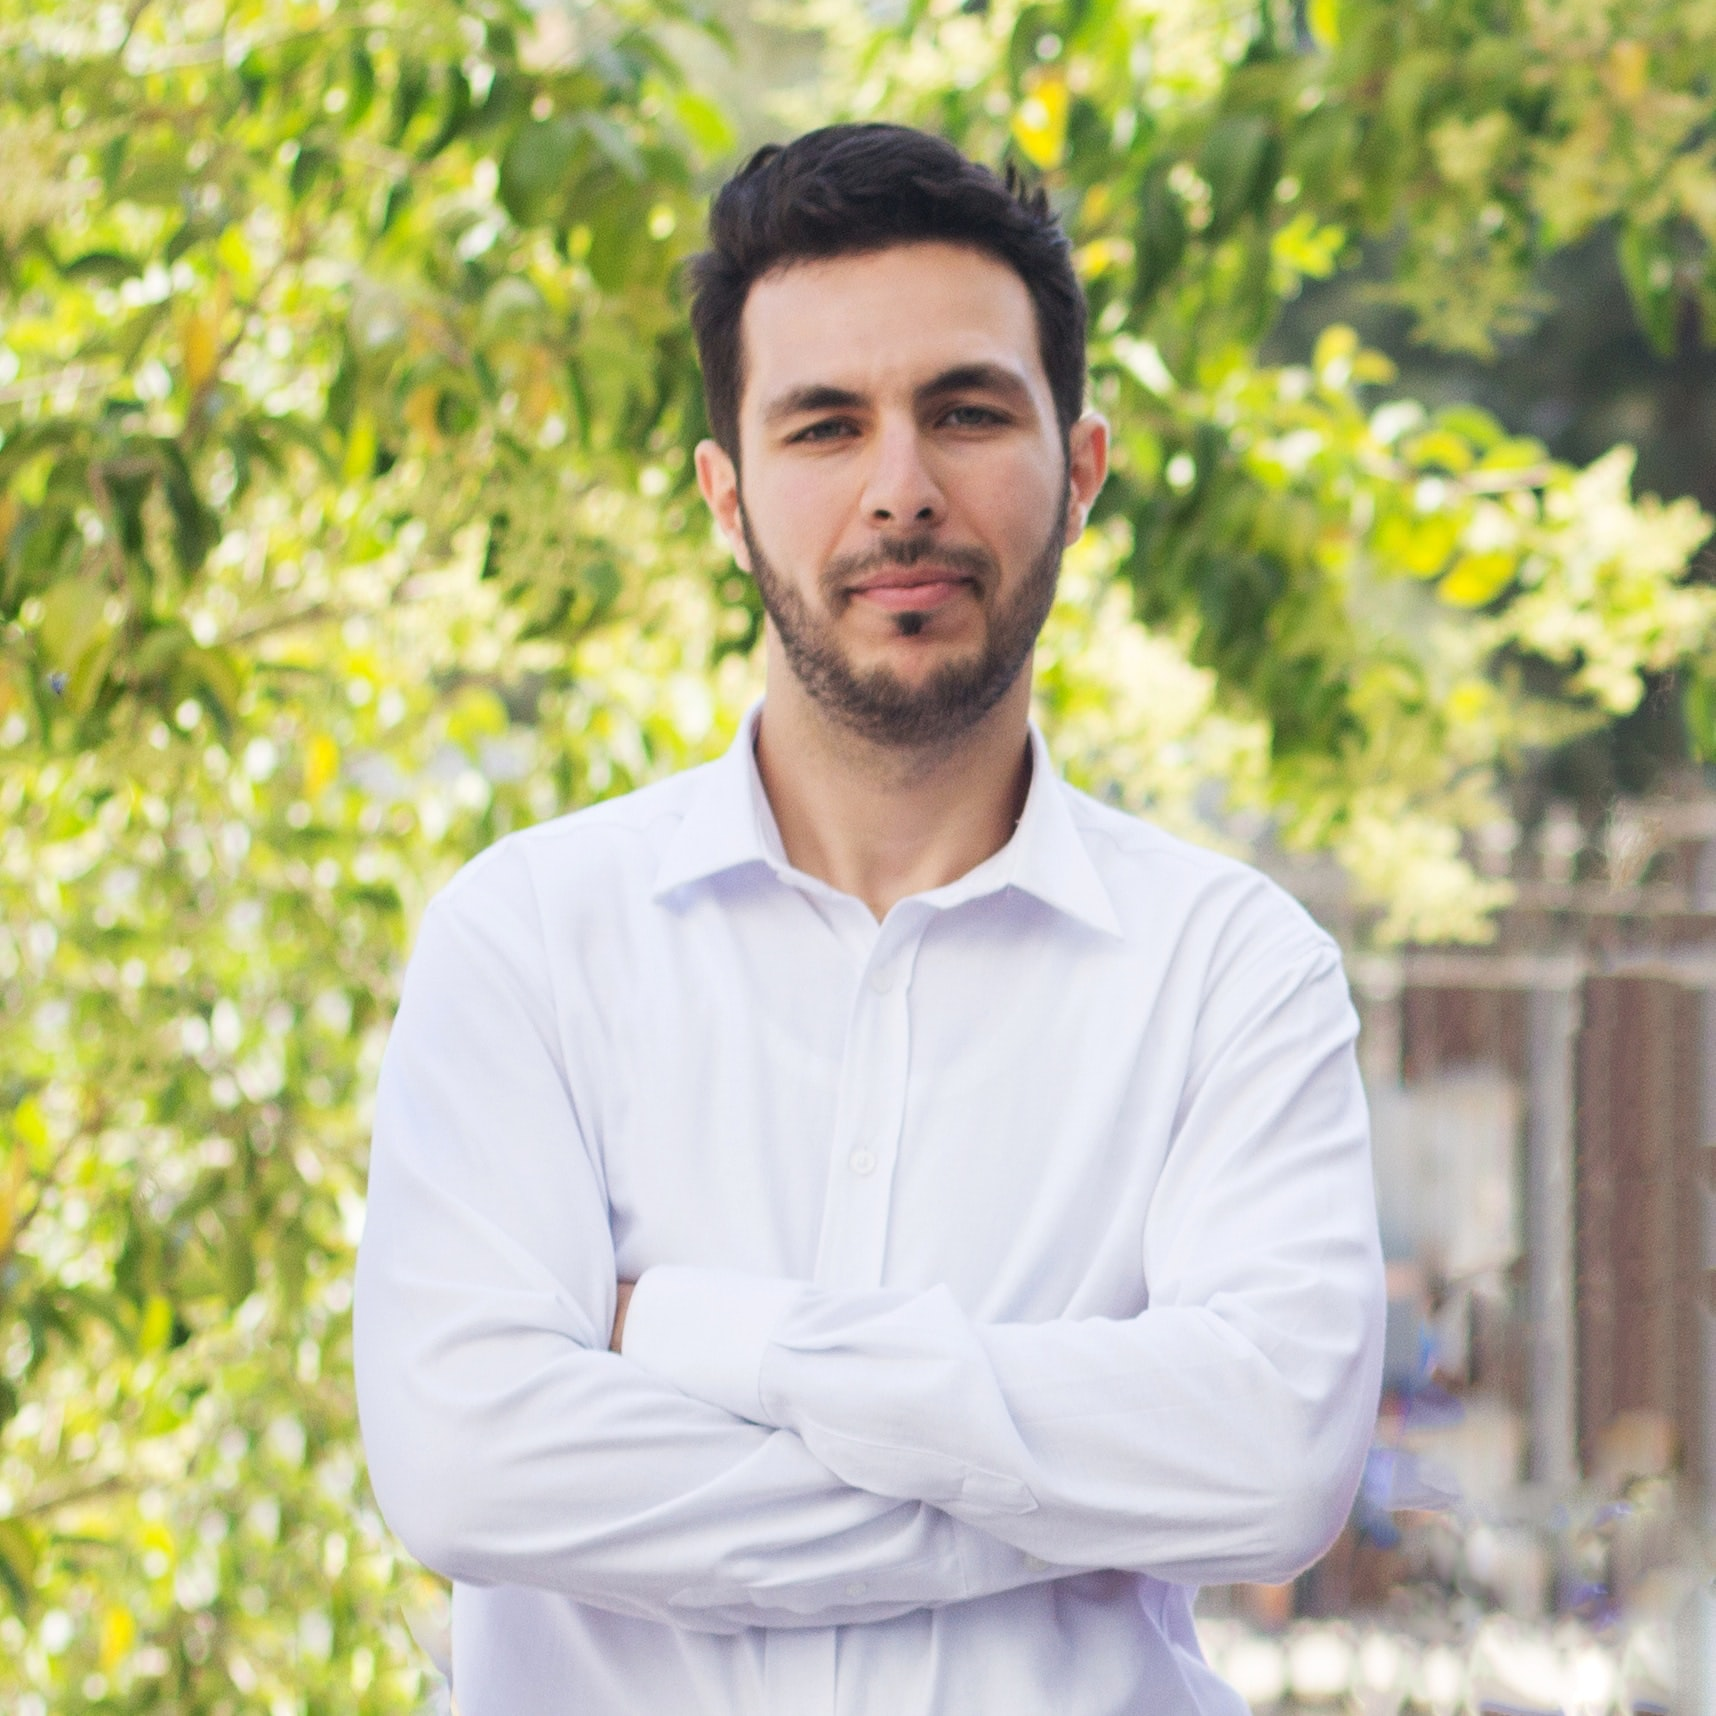 Avatar of user Walid Amghar